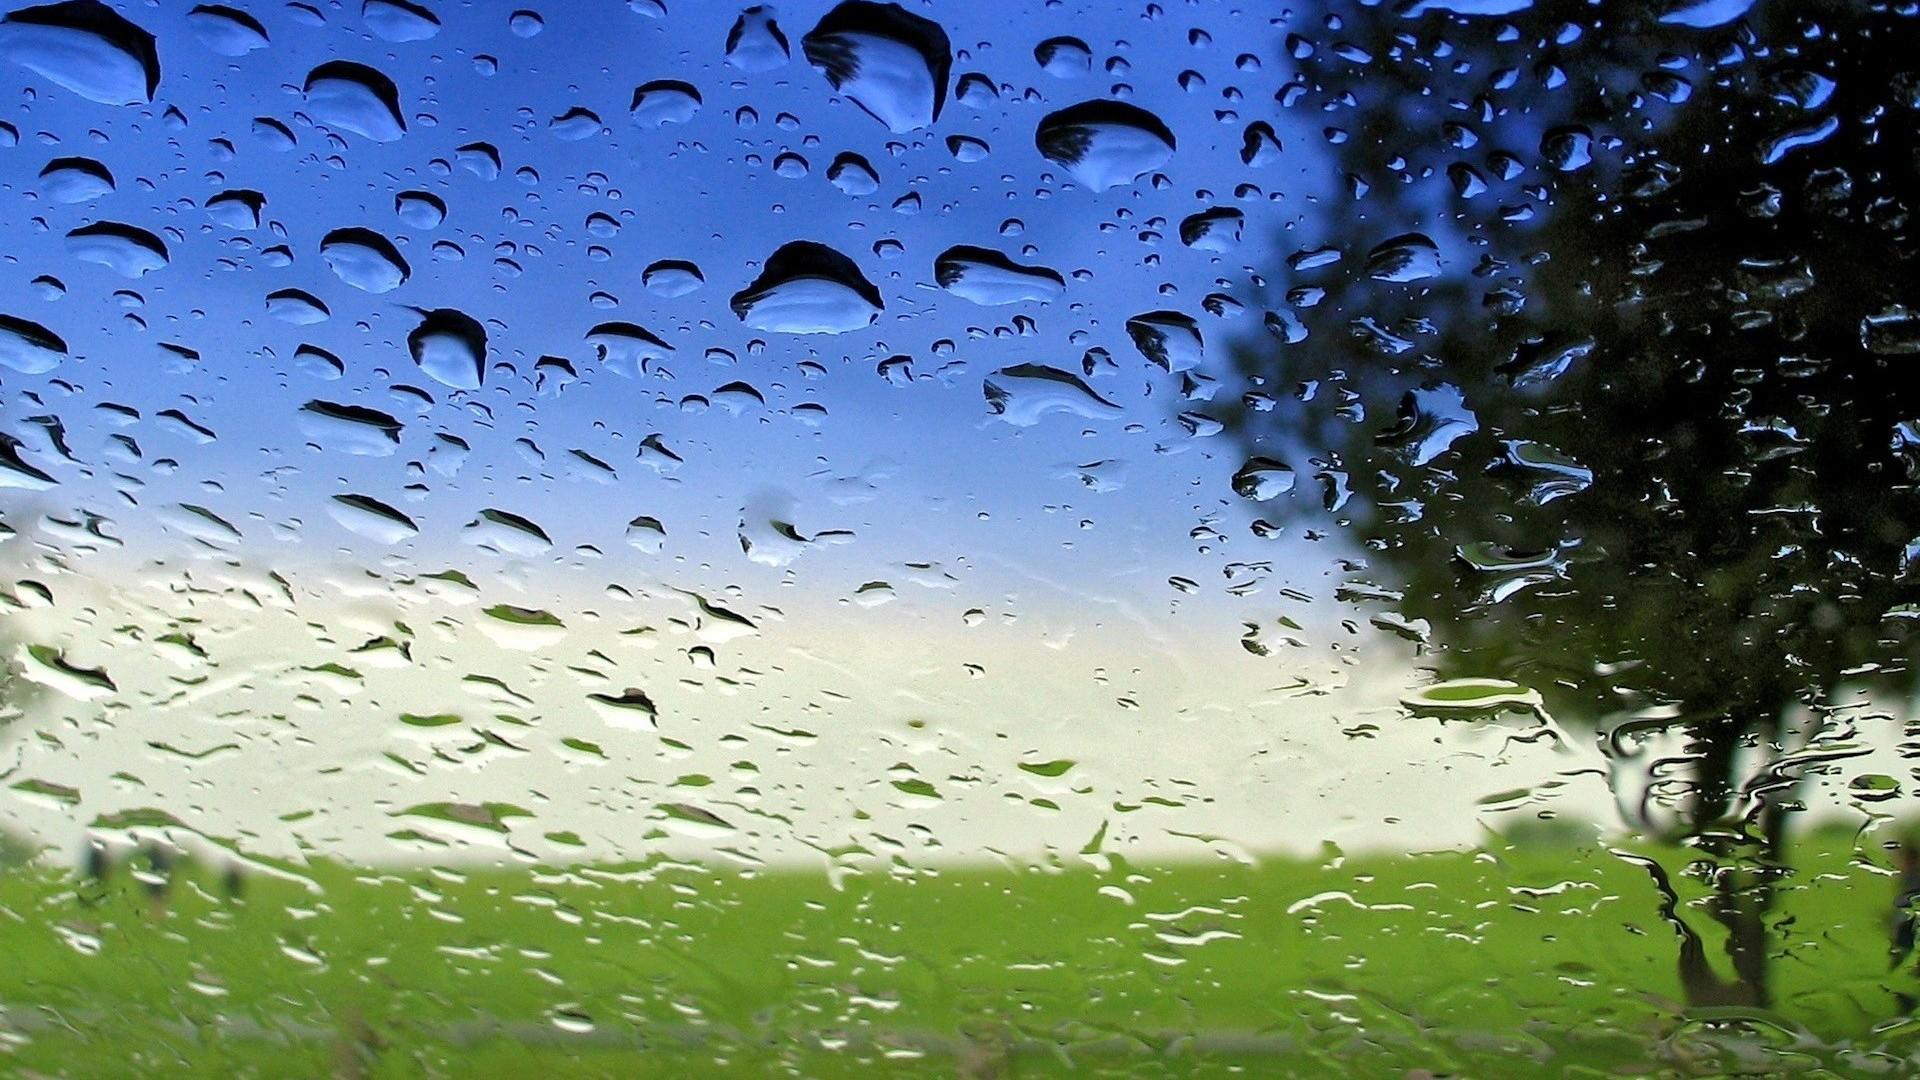 Spring Rain Wallpaper for Desktop - WallpaperSafari